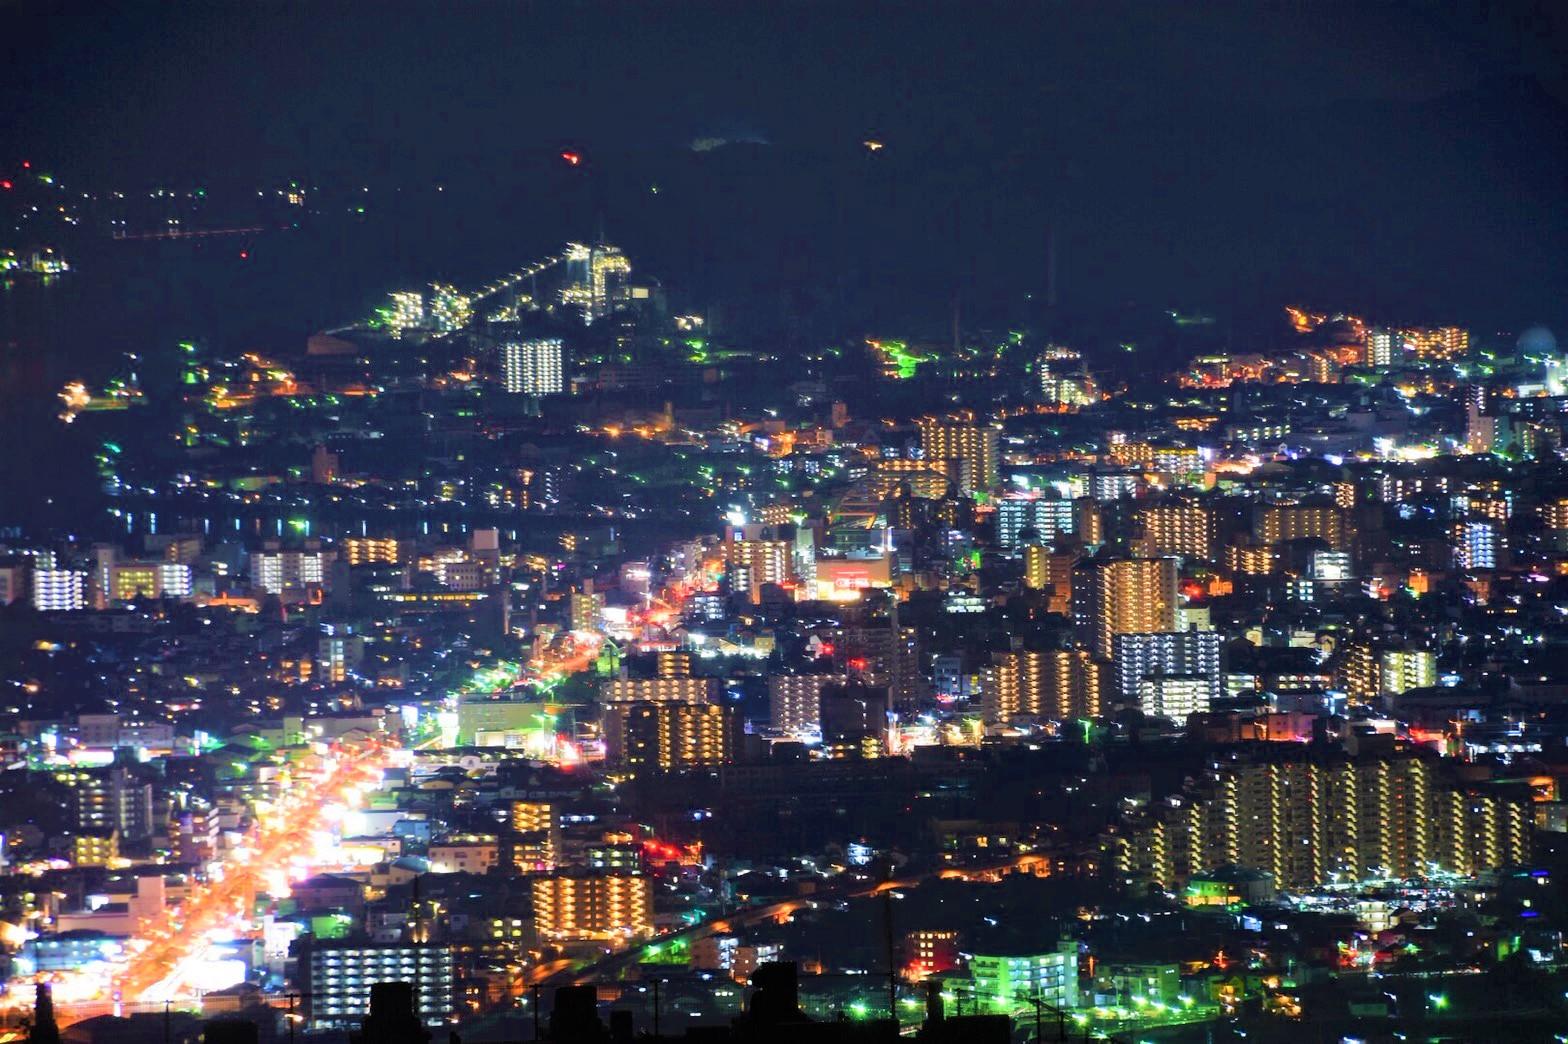 ここは都会?あっと驚く夜景がここに。「正連寺」